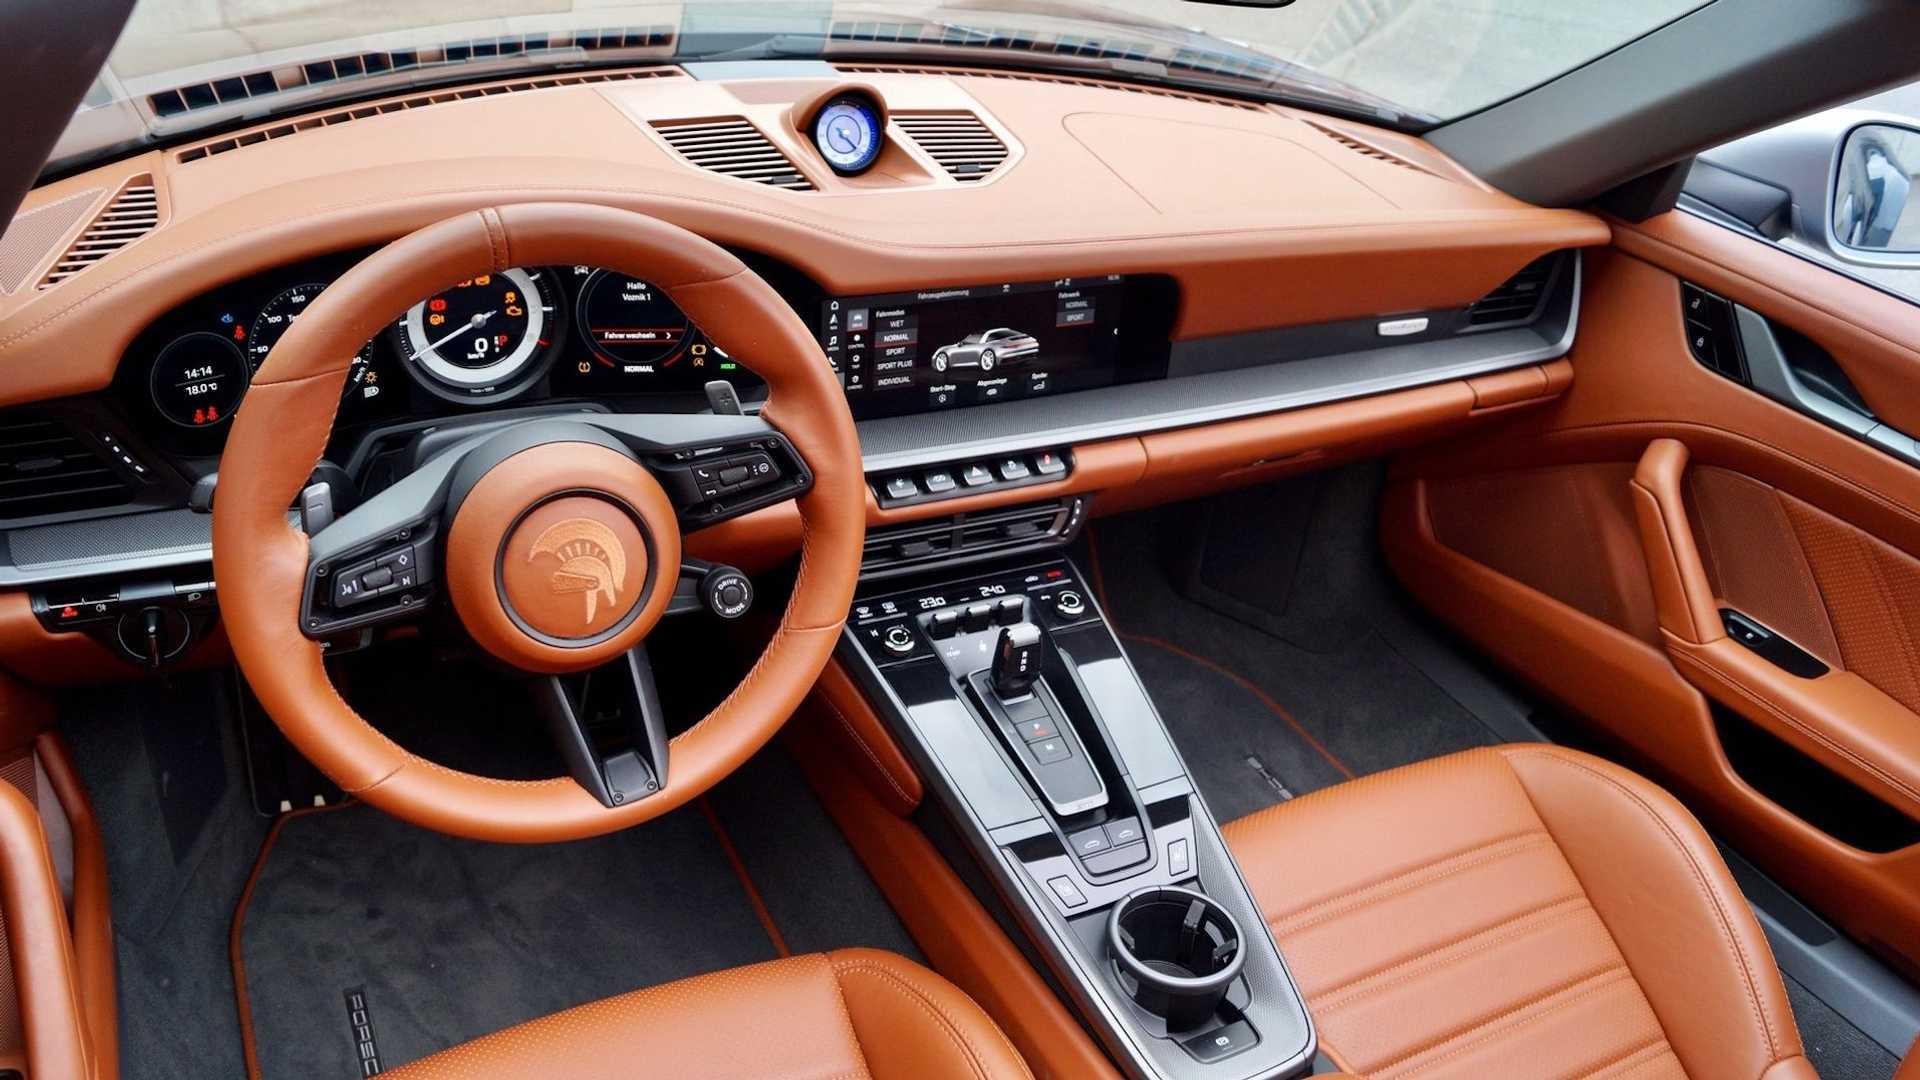 Porsche-911-Targa-by-Ares-Design-5